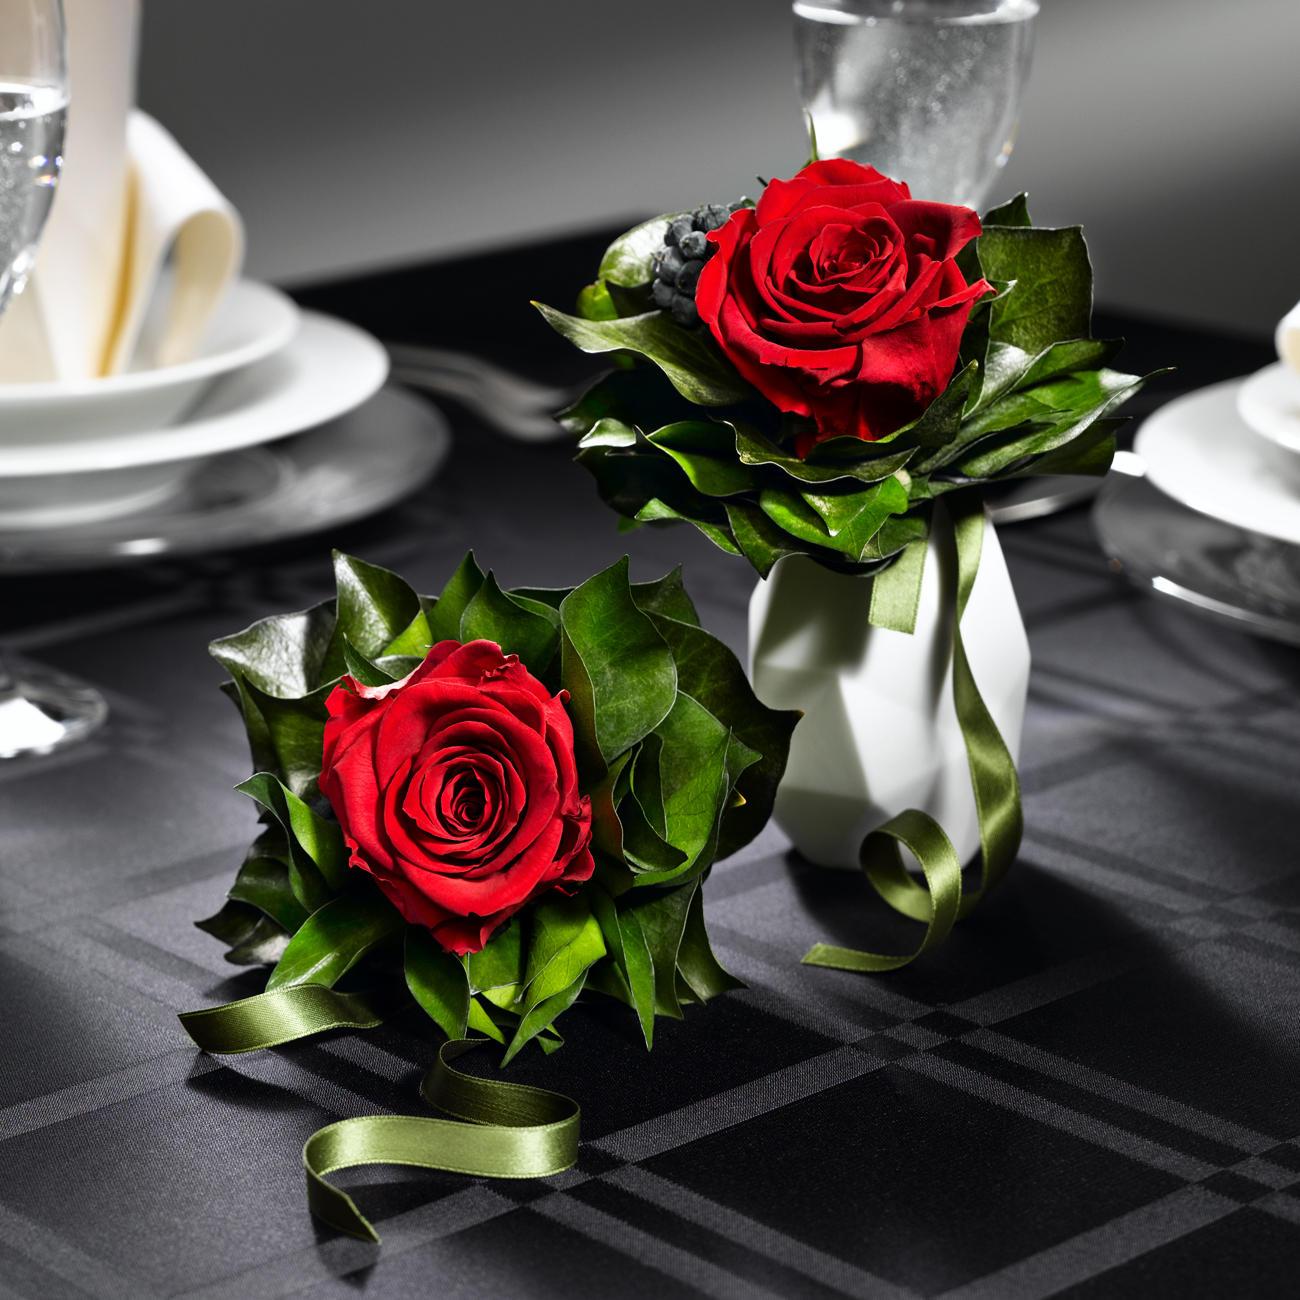 Duftendes Rosen Bouquet 3 Jahre Garantie Pro Idee